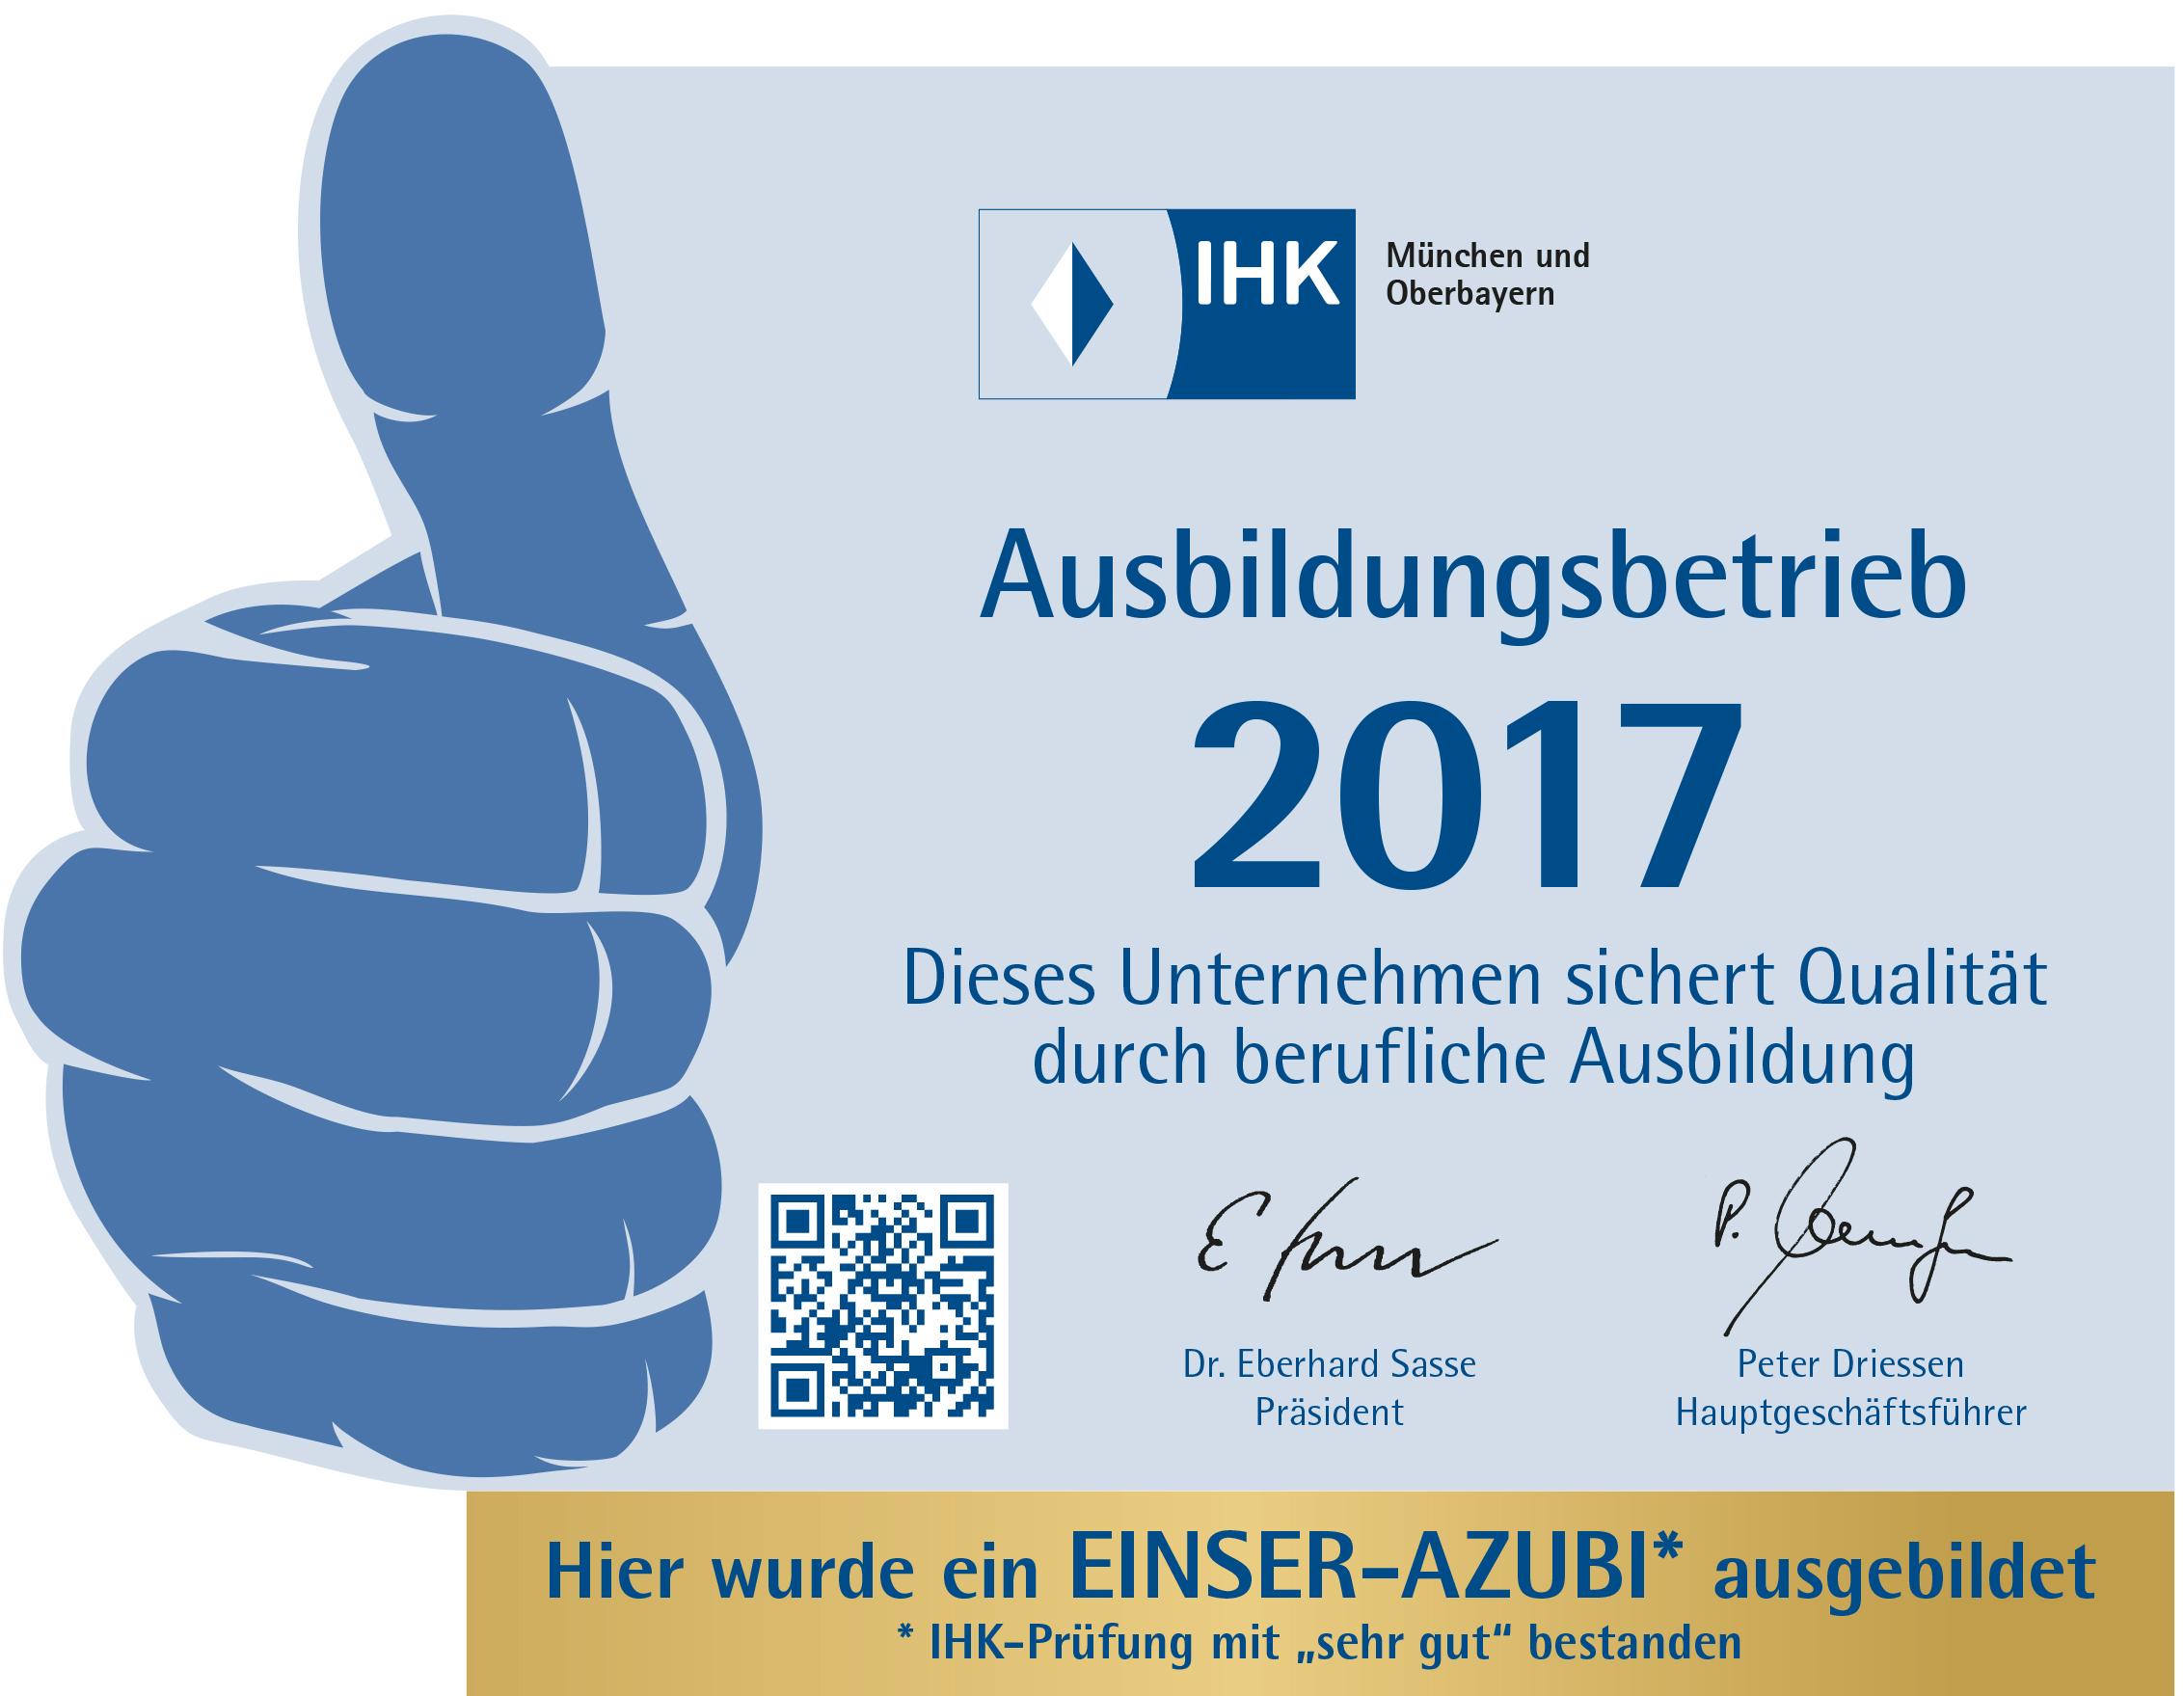 Einser-Auszubildender bei rocom GmbH